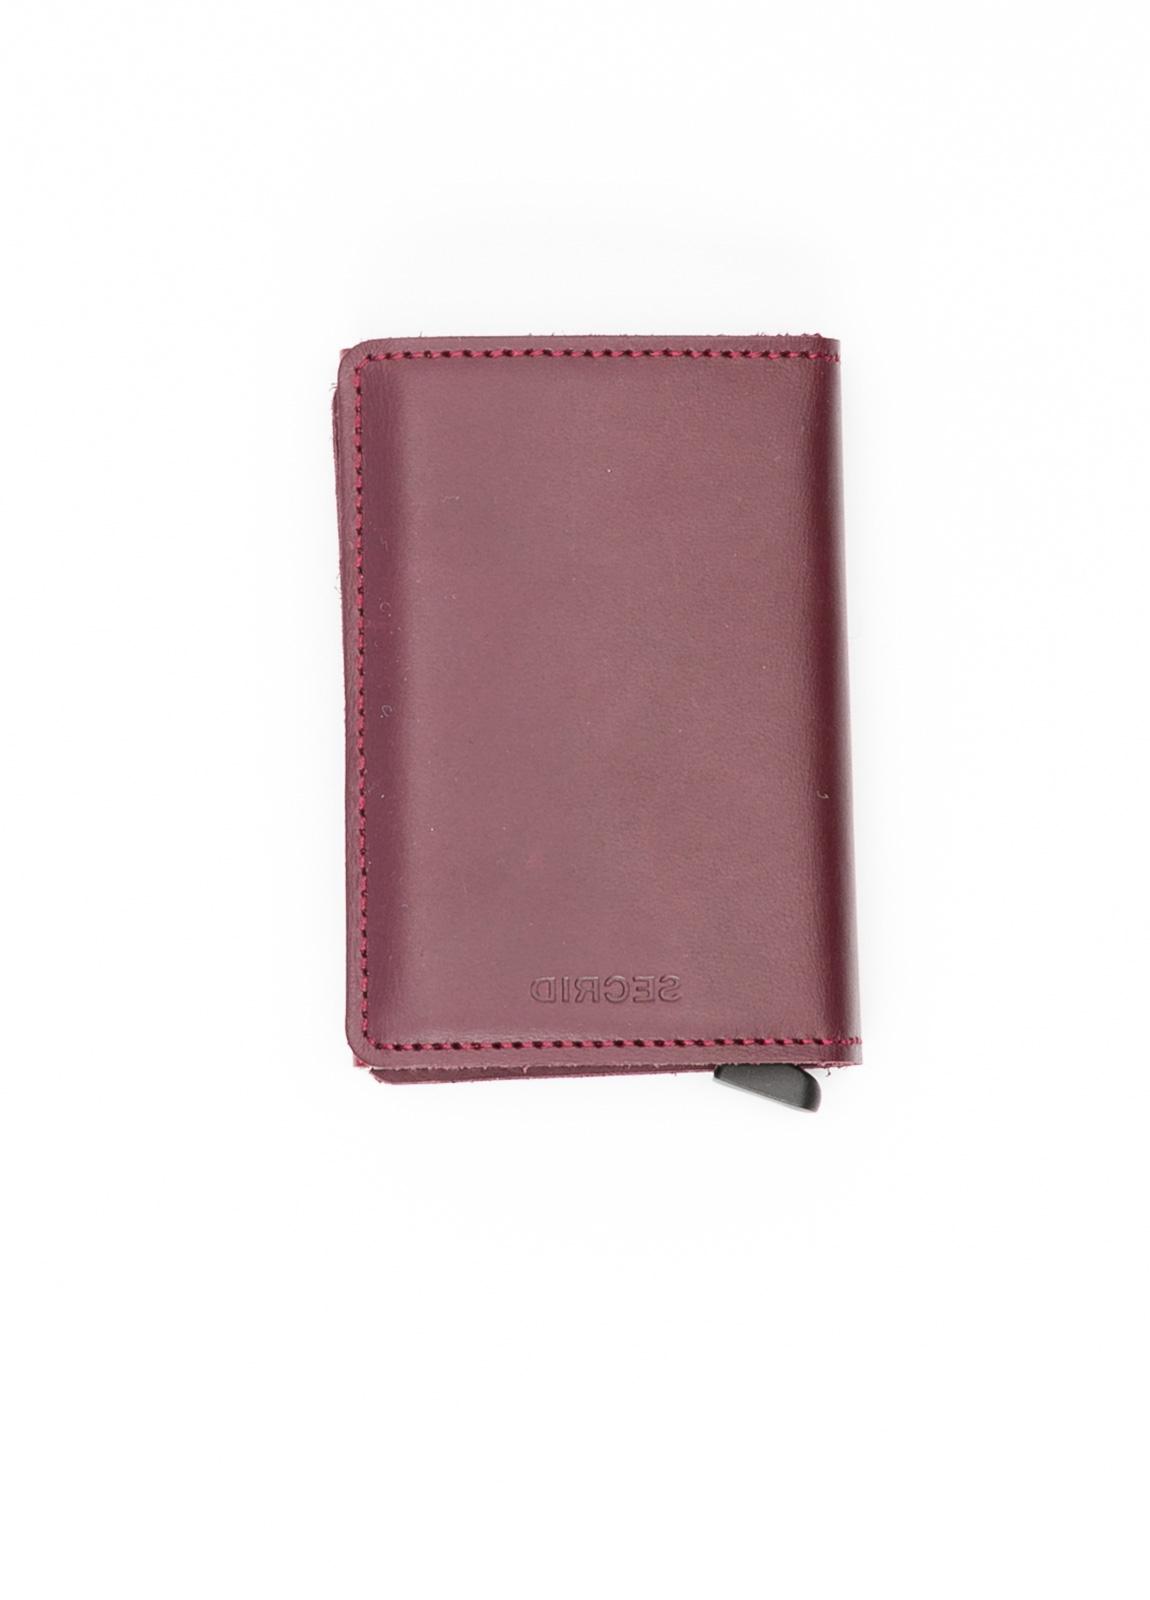 Secrid slim wallet color burdeos, con cardprotector de aluminio ultrafino.